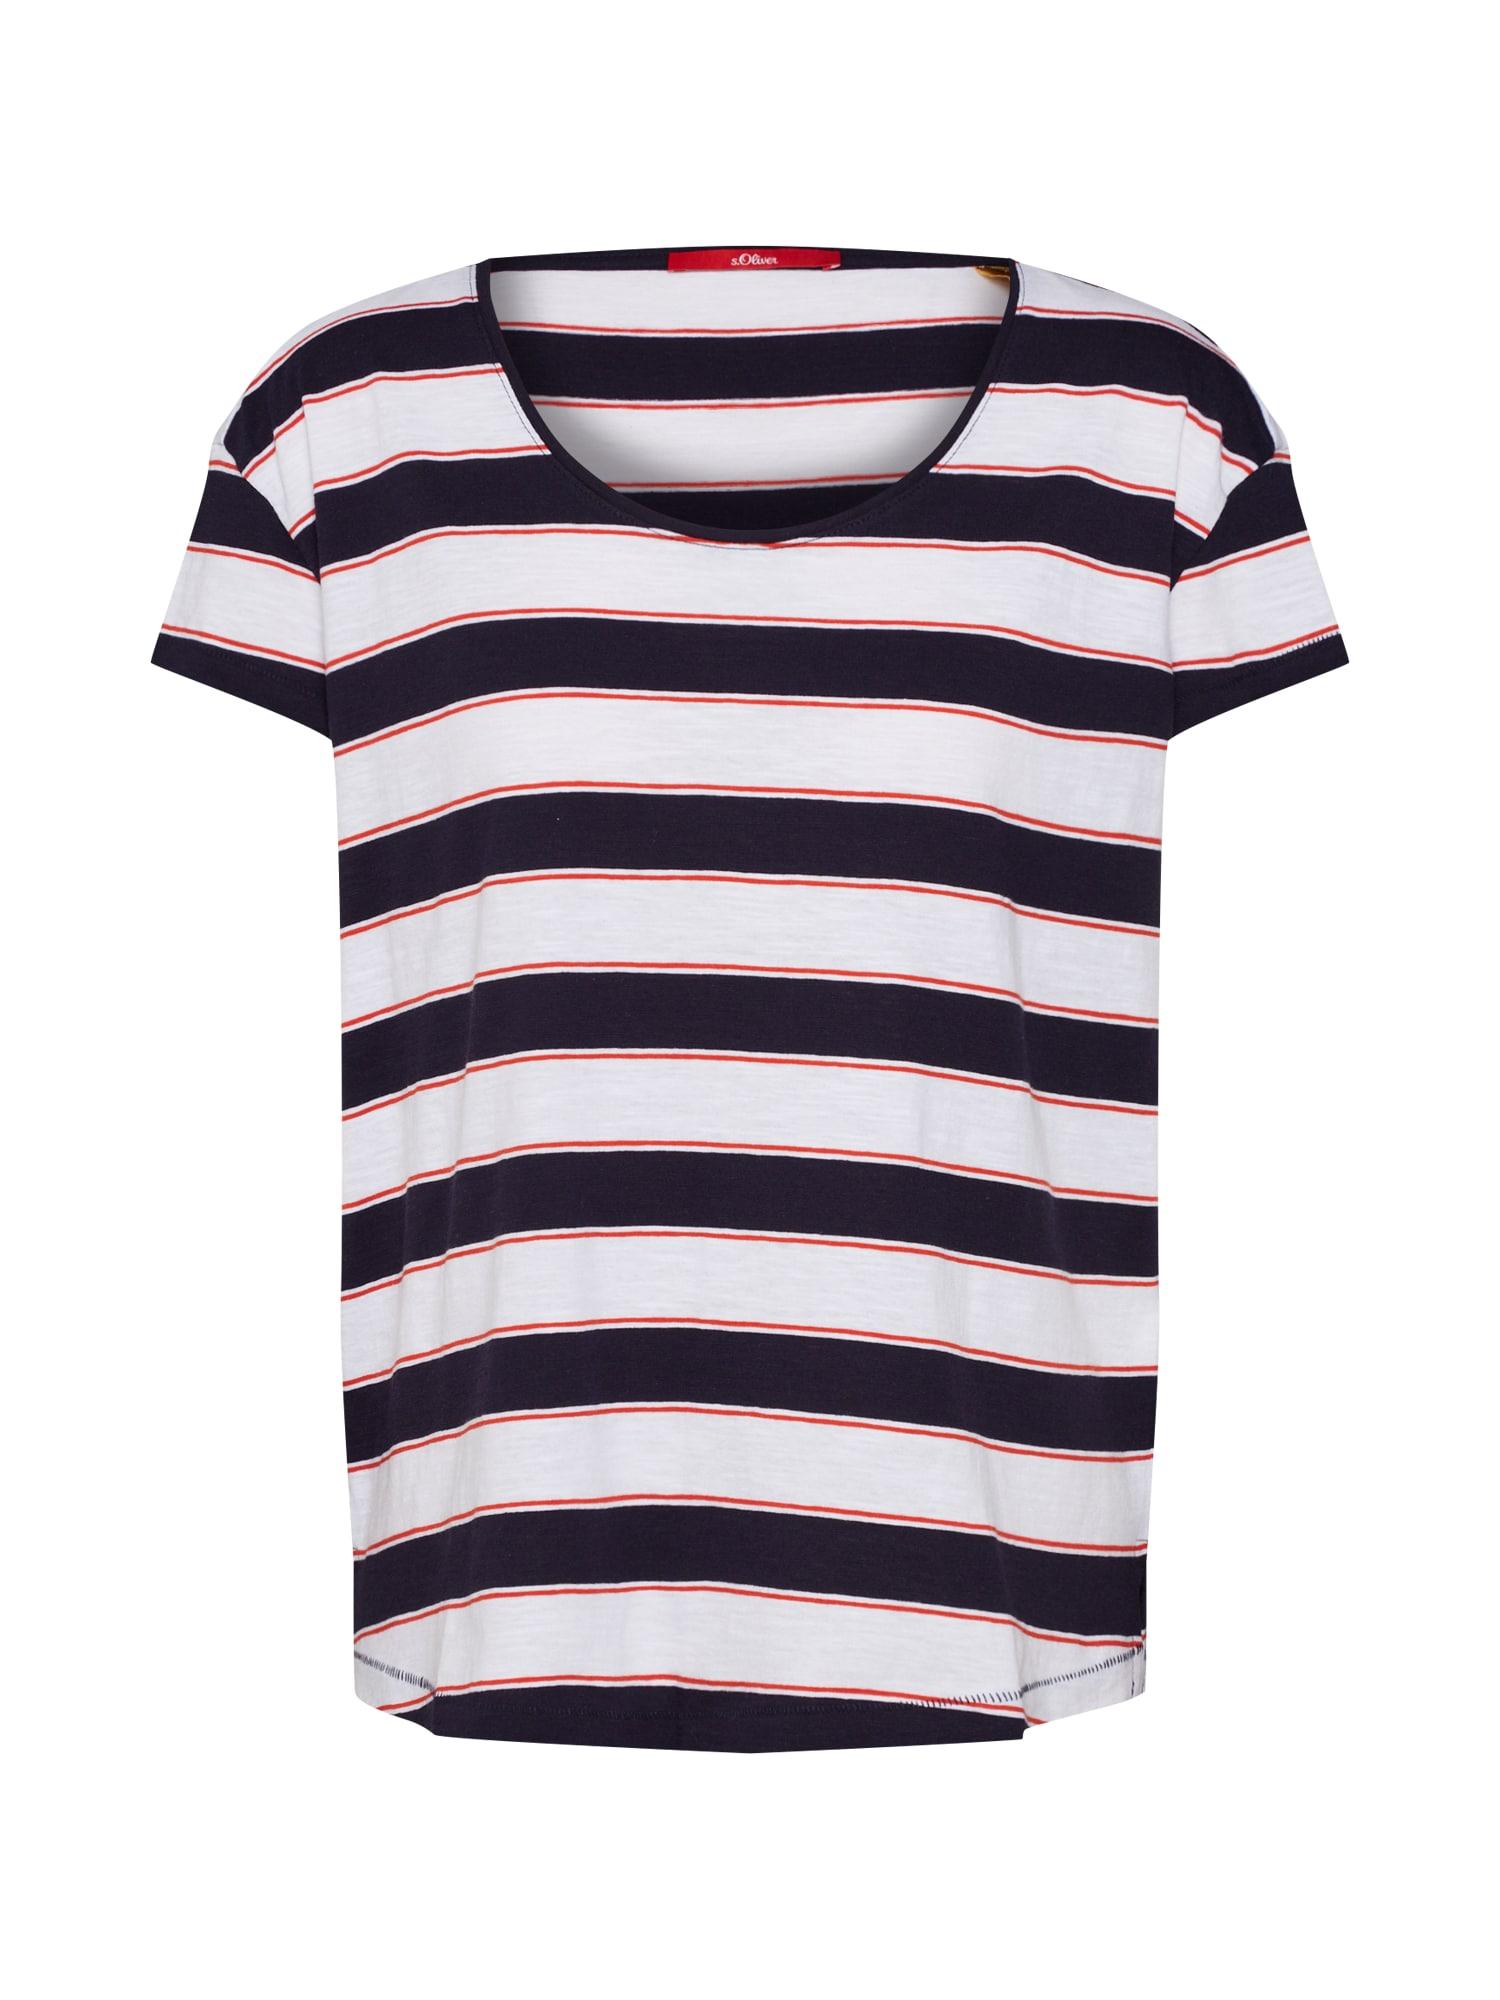 Tričko námořnická modř červená bílá S.Oliver RED LABEL